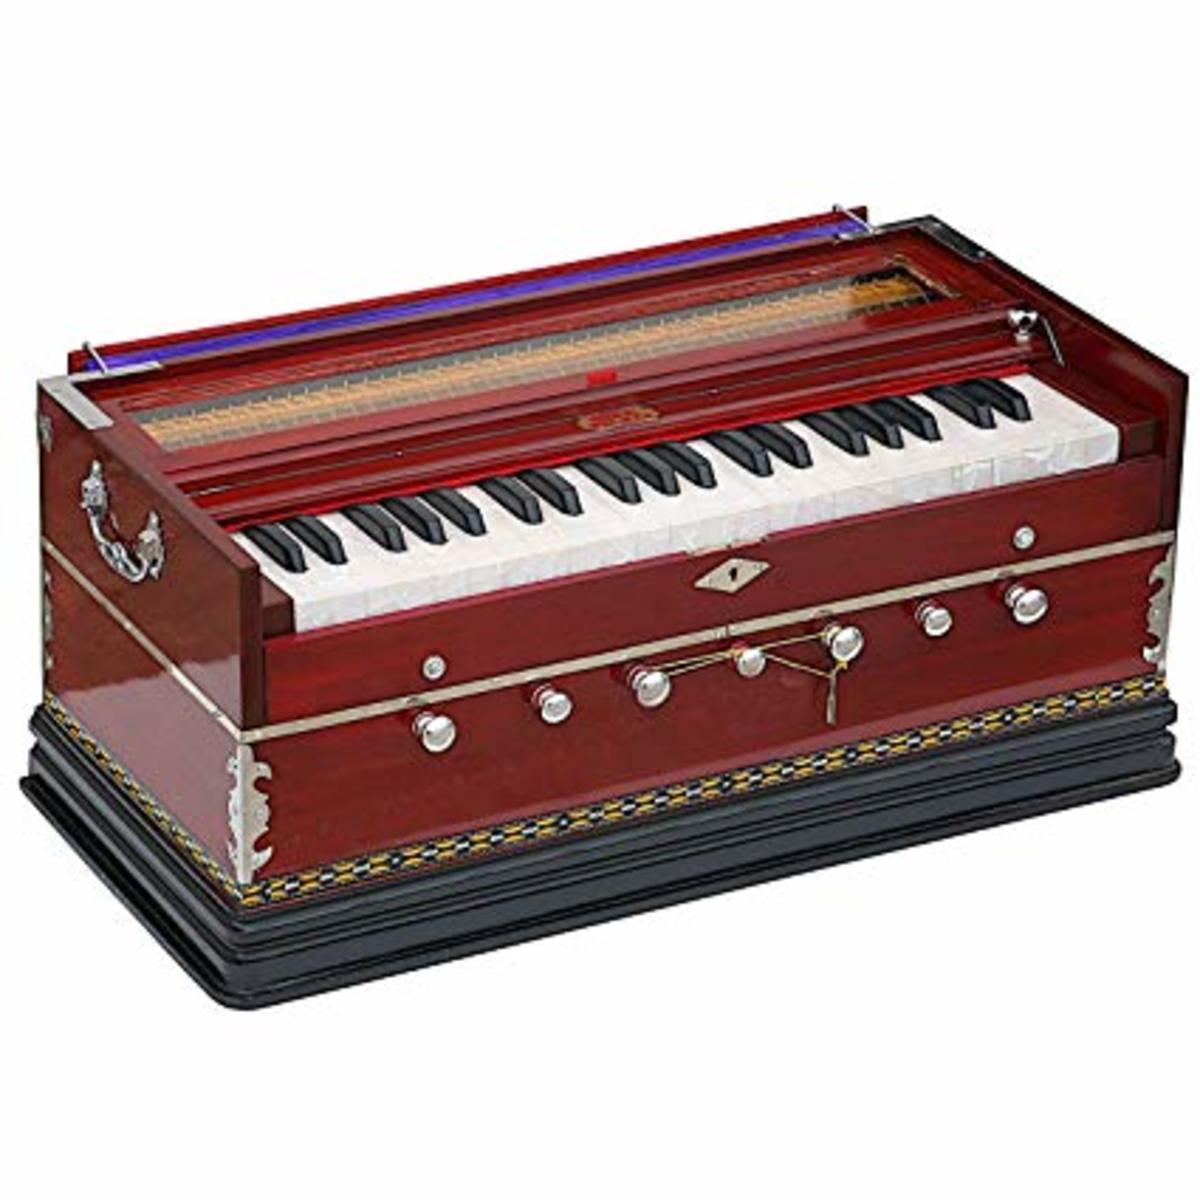 Indian musical instrument, Harmonium